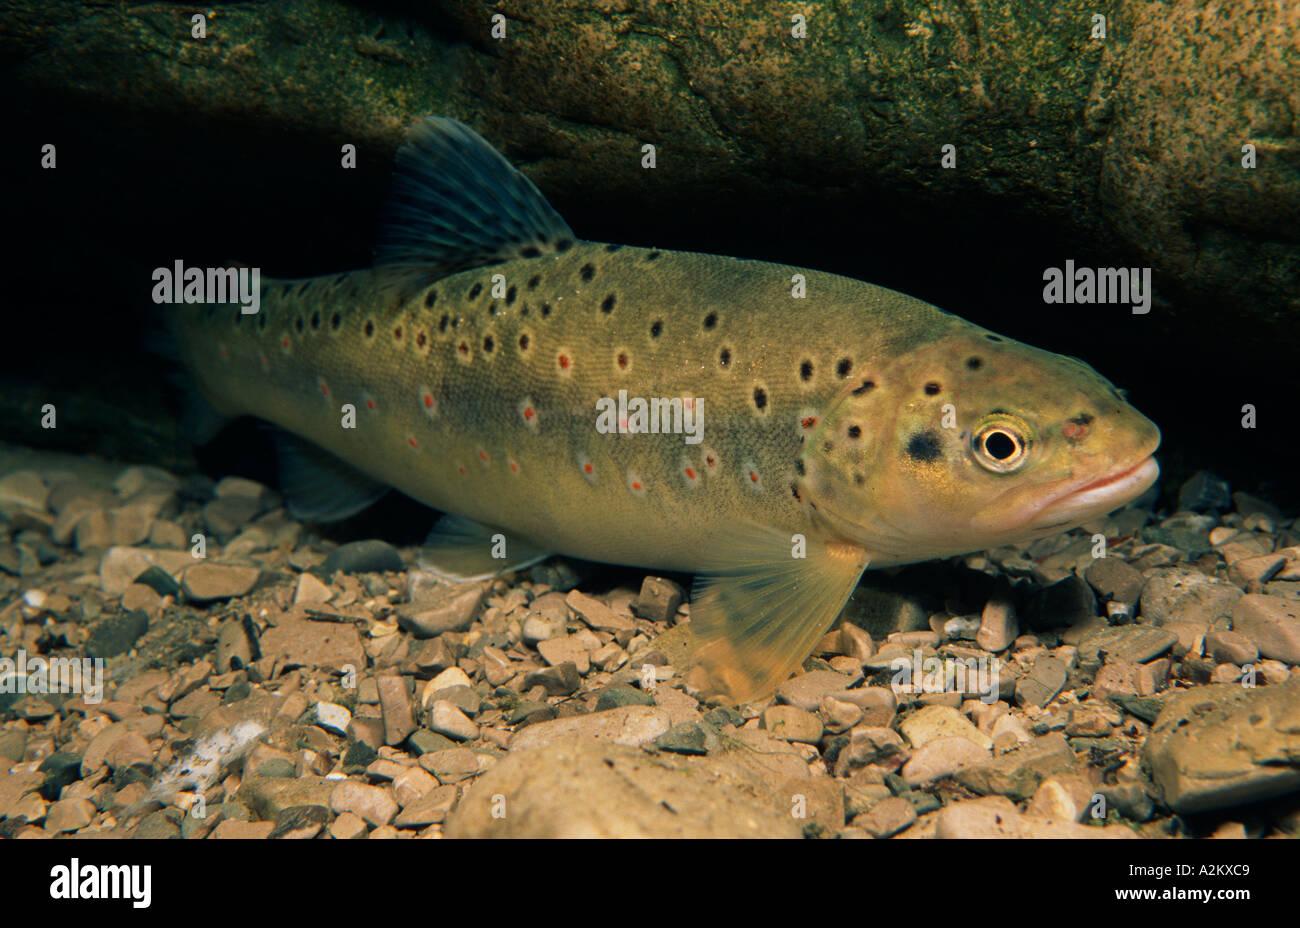 Brown trout, Salmo trutta forma fario Stock Photo